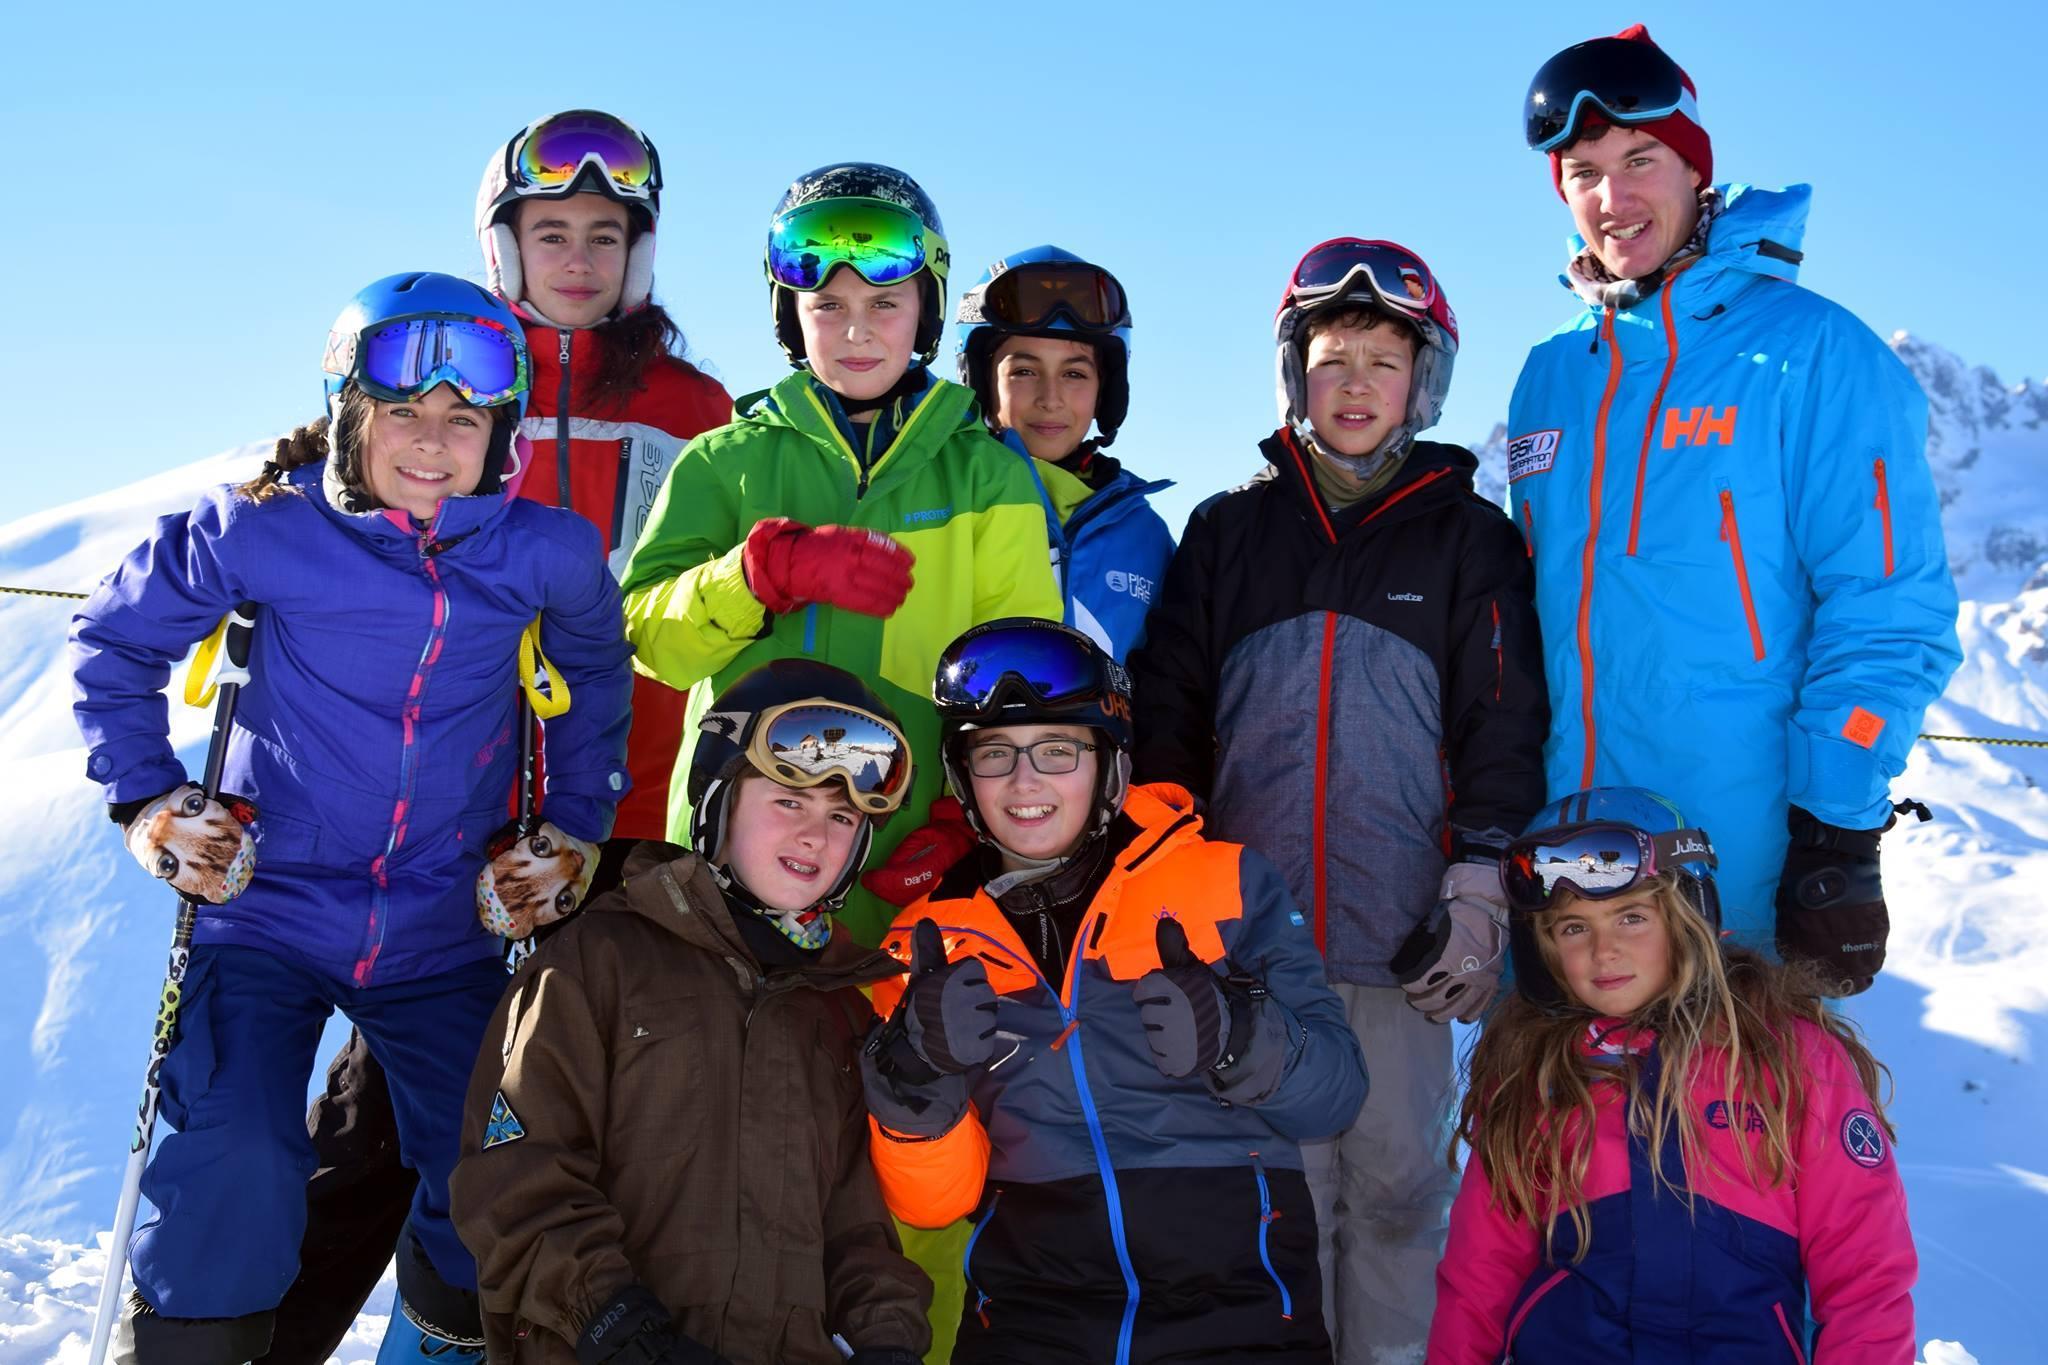 Cours de ski Ados (13-18 ans) pour Tous niveaux